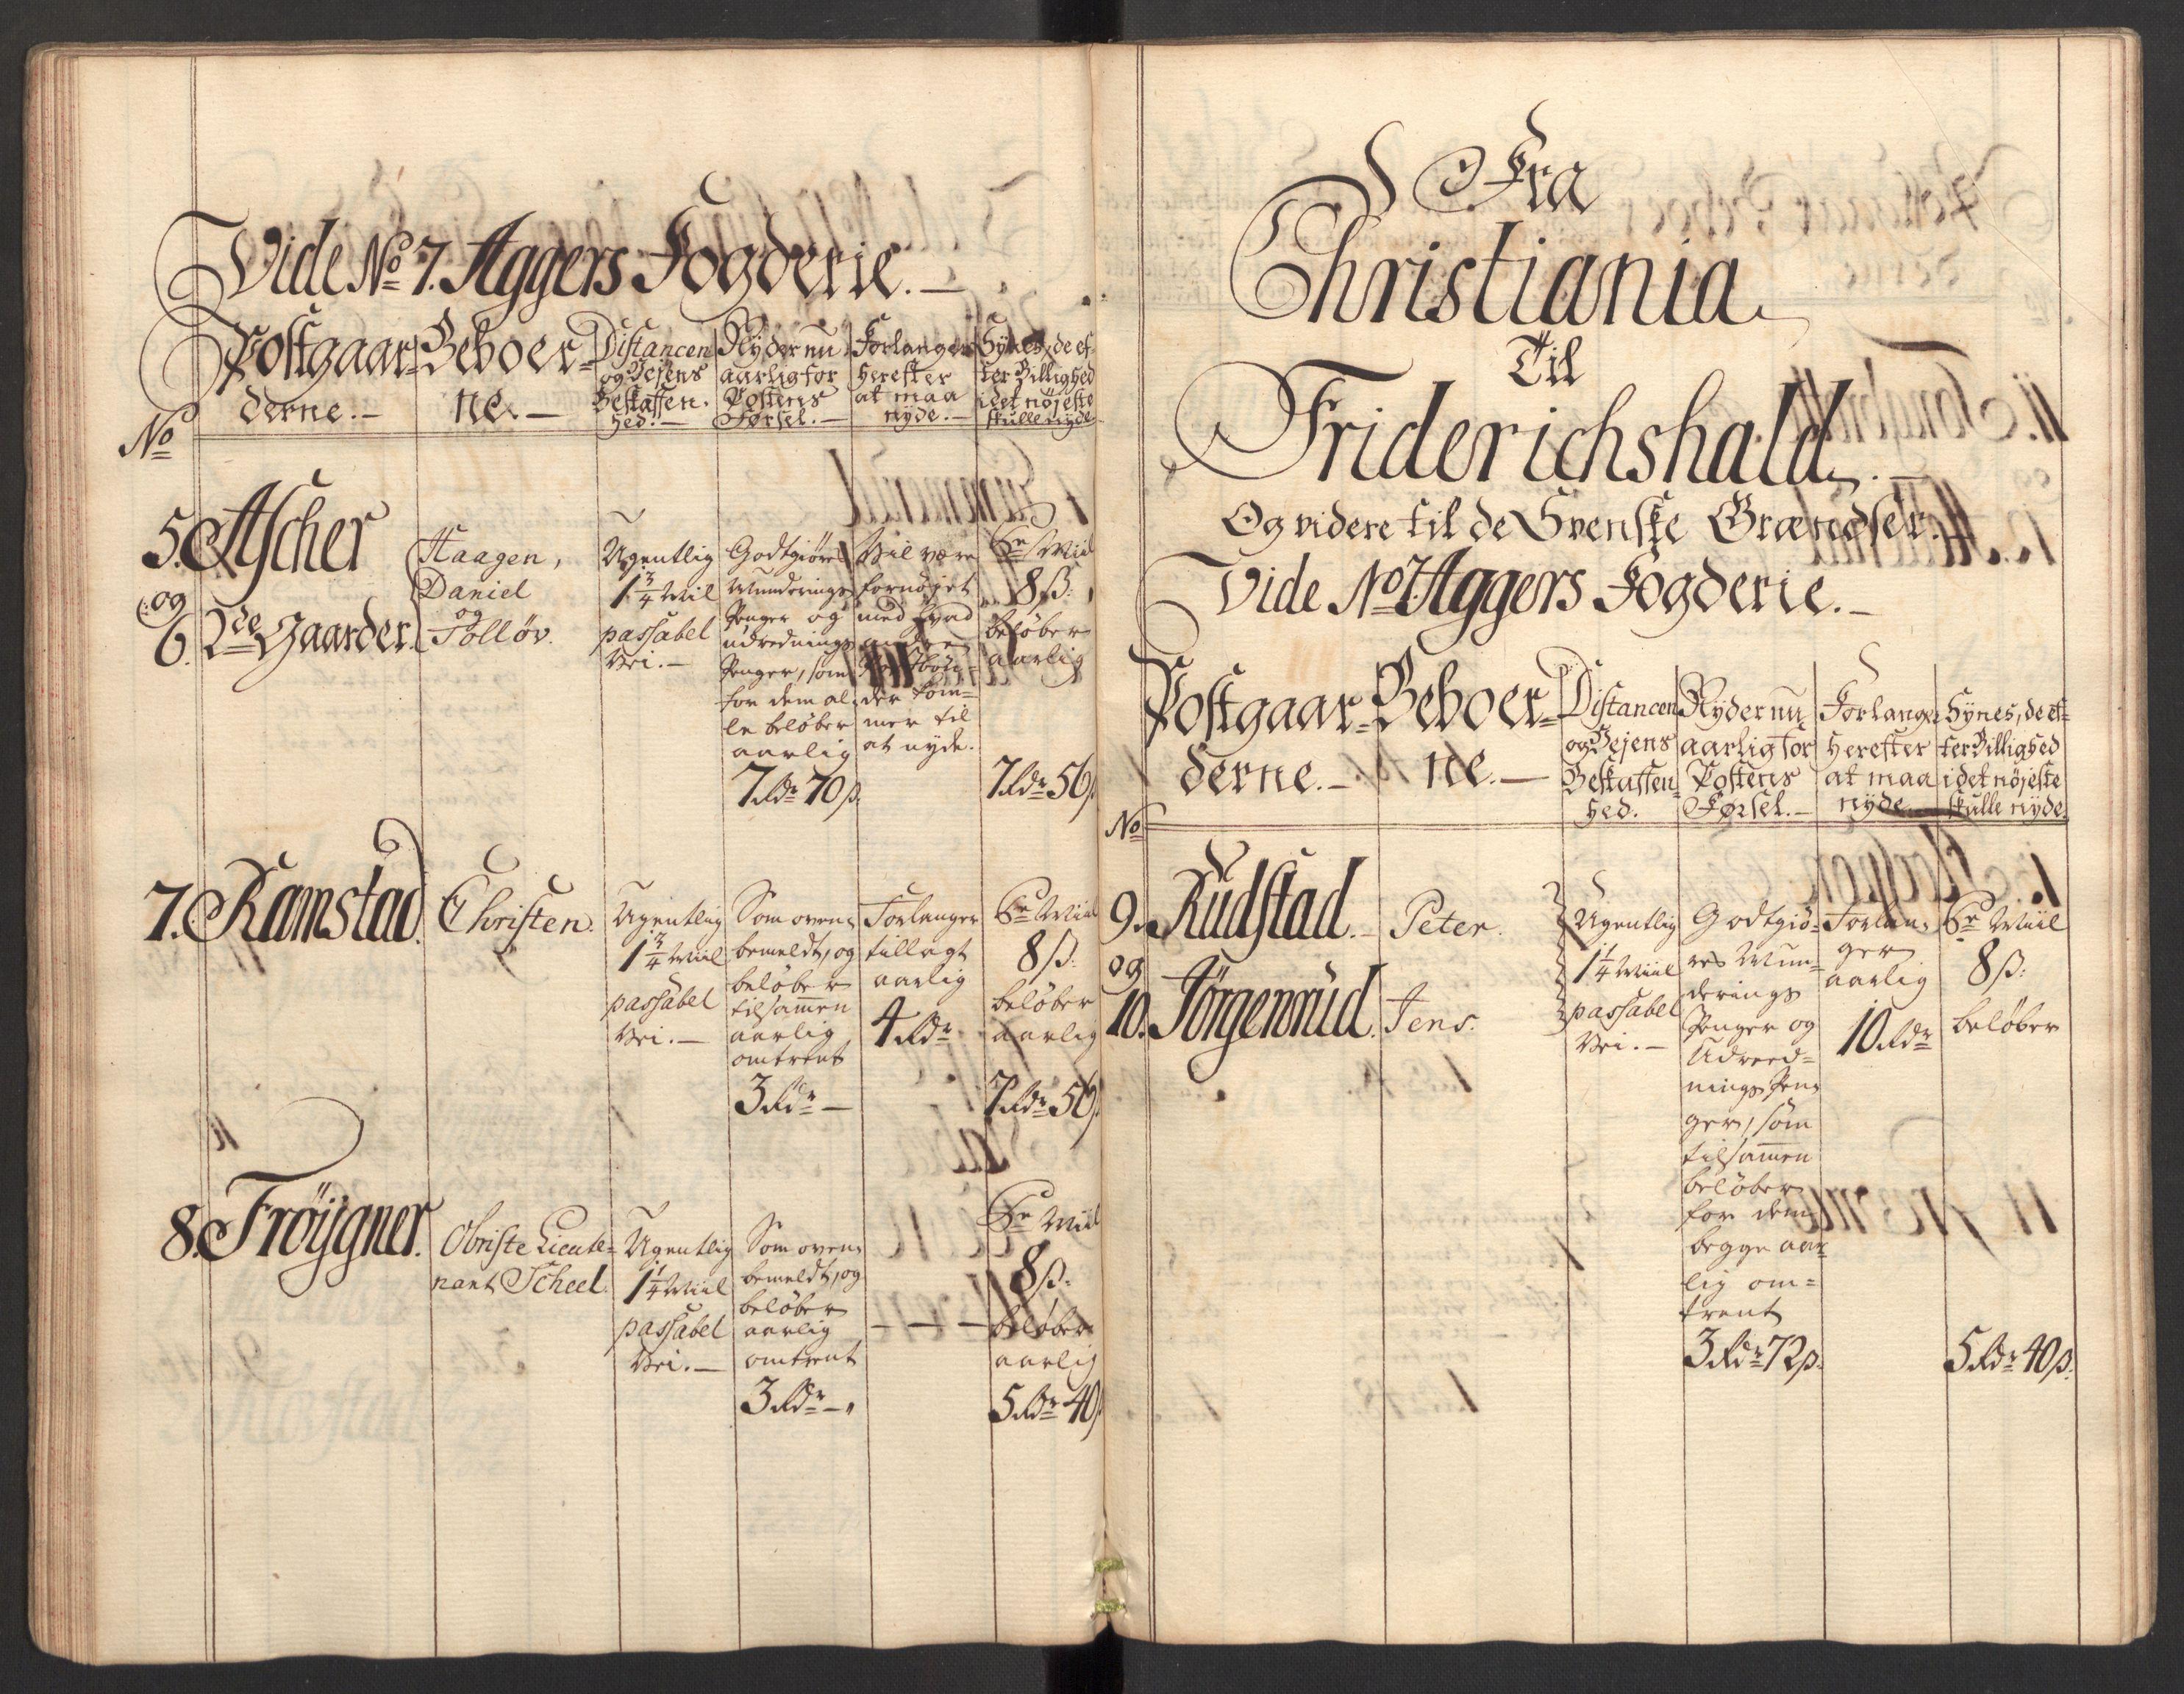 RA, Generalpostdireksjonen 1719-1814, E/L0025: Fortegnelse og forklaringer om postturene i Norge, 1752-1754, s. 34